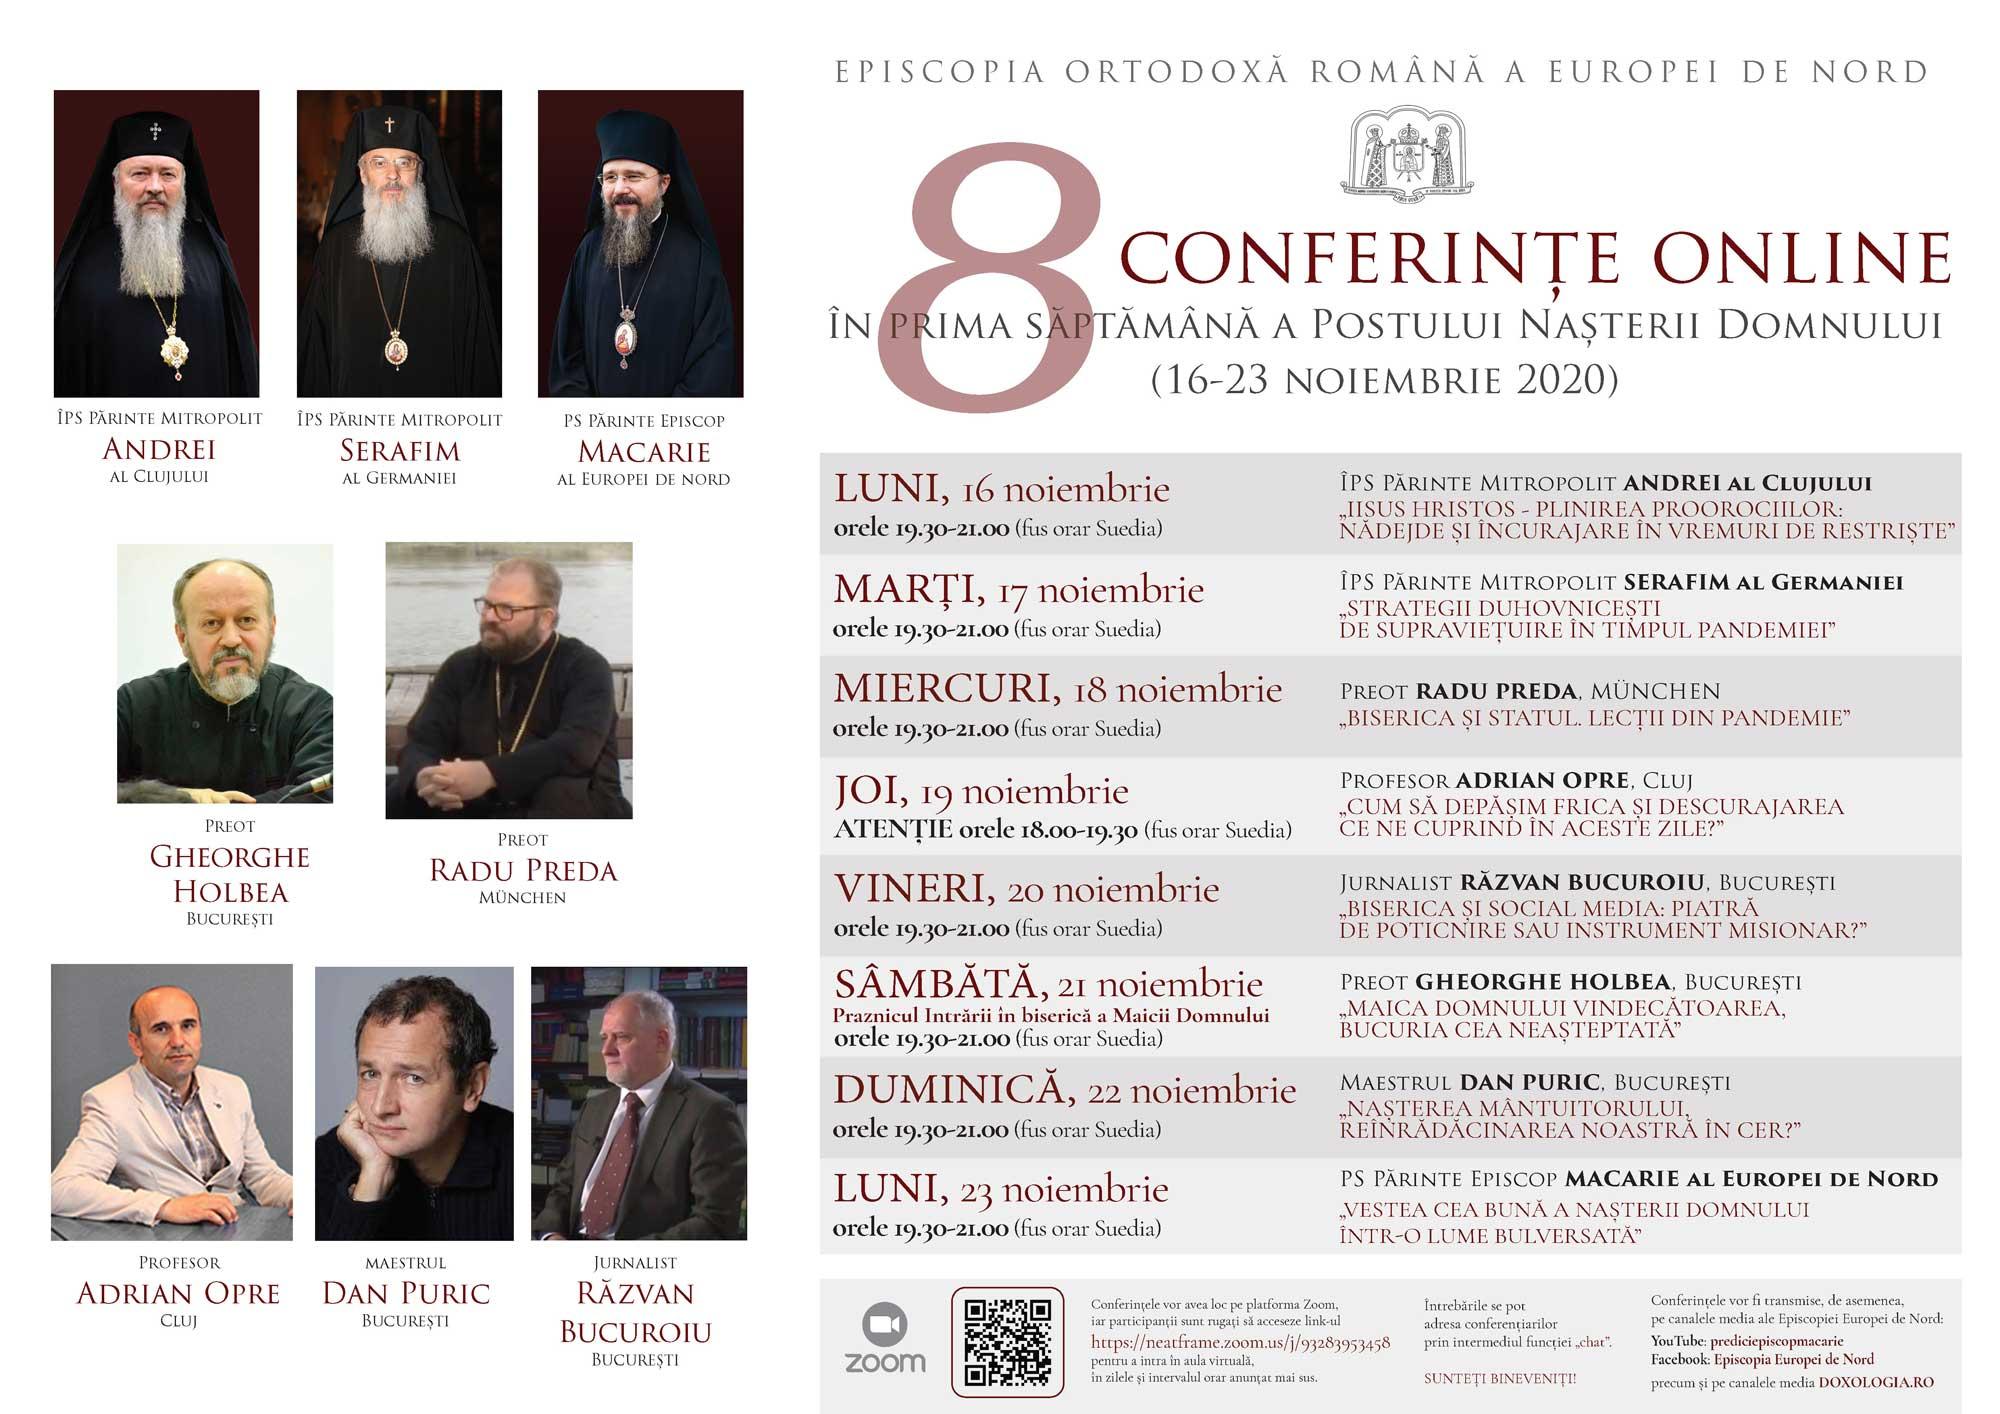 8 conferințe on-line organizate de Episcopia  Ortodoxă Română a Europei de Nord